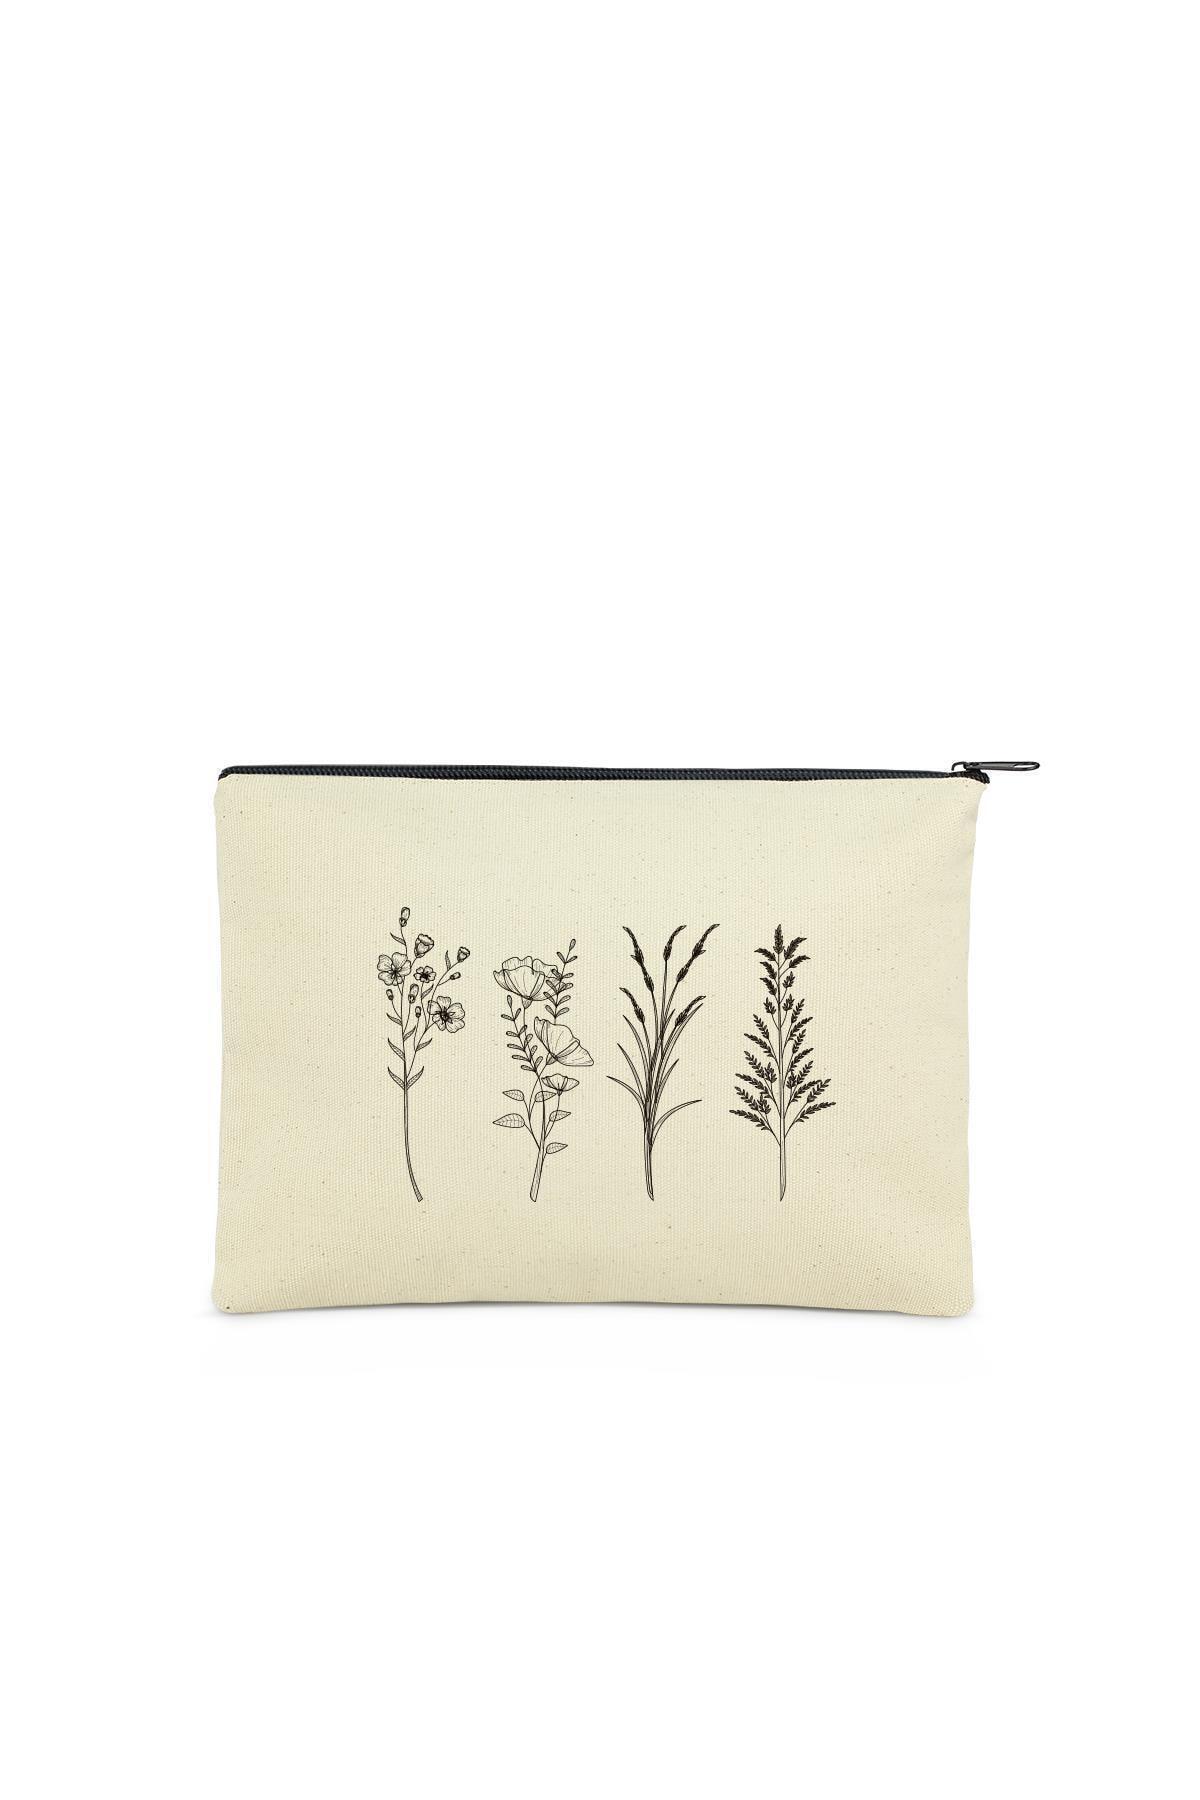 Çınar Bez Çanta Clutch 4 Dallı Çiçek Kanvas Makyaj Çantası 1